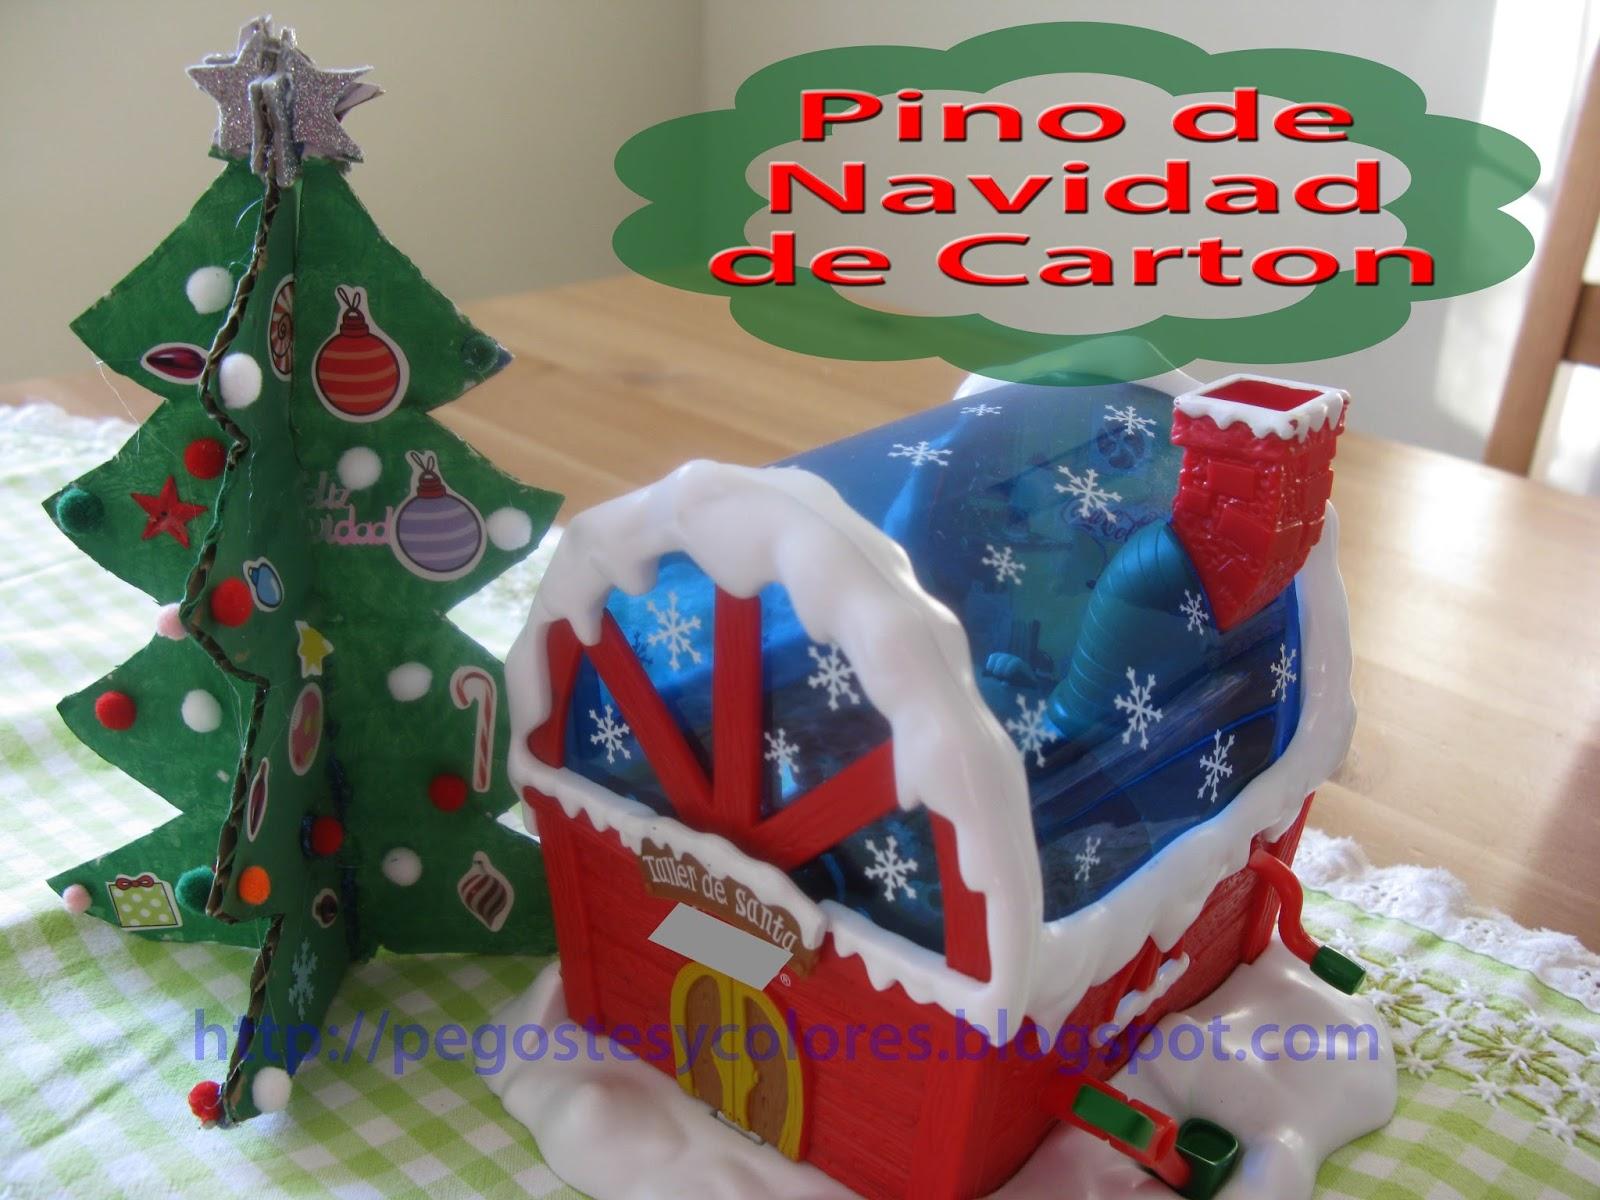 Pegostes y colores pino de navidad de carton - Como hacer cosas para navidad ...